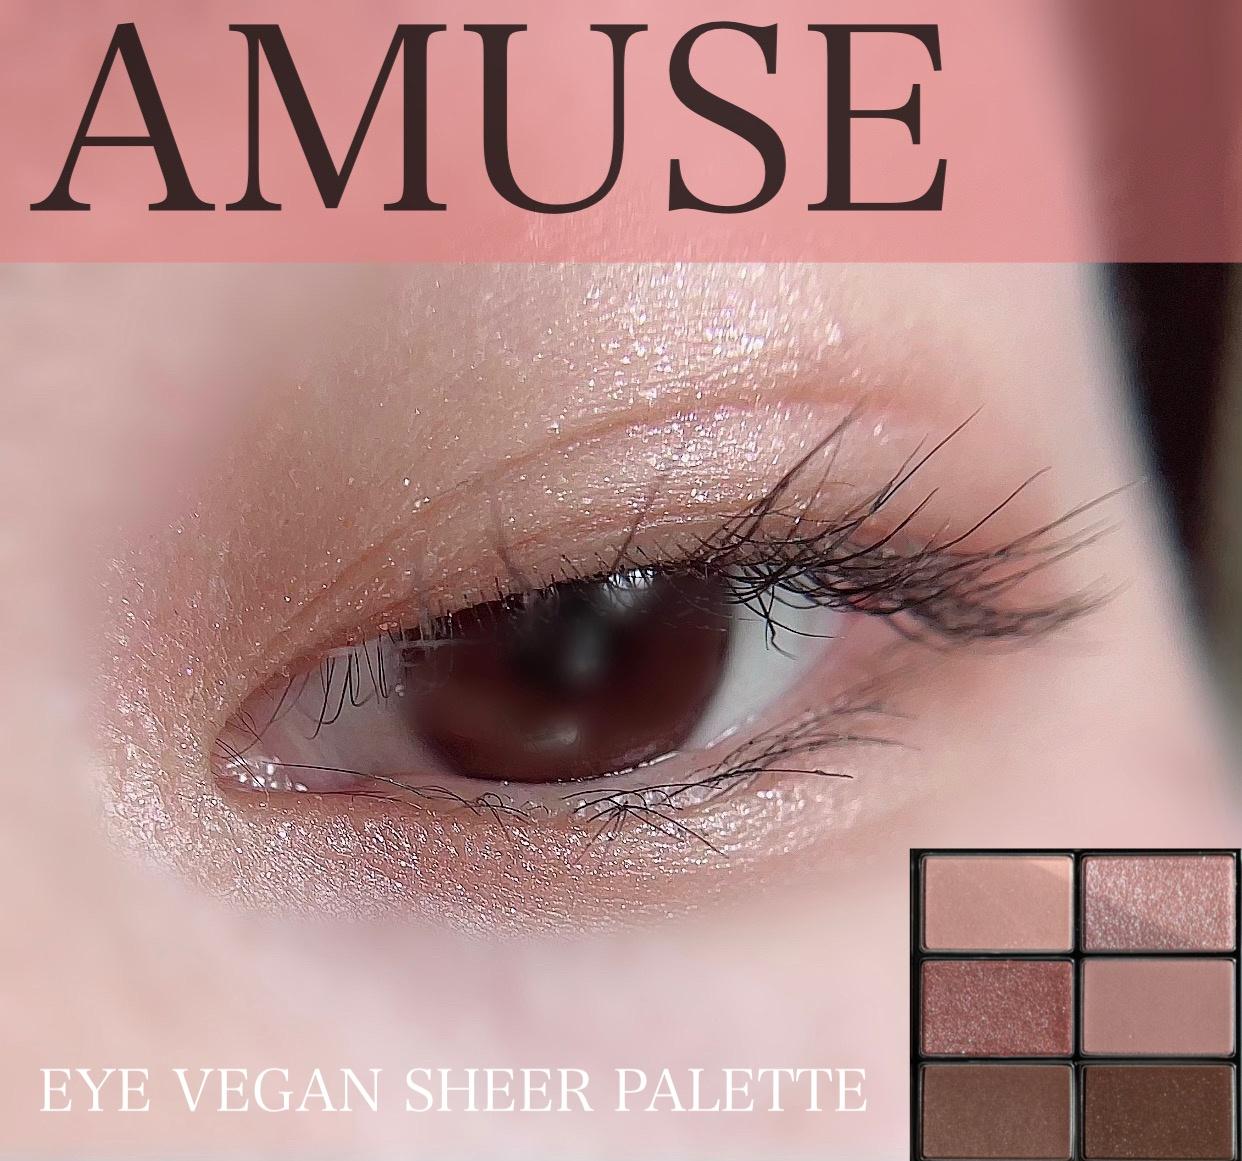 AMUSE(アミューズ) アイ ビーガン シアーパレットを使ったあひるさんのクチコミ画像